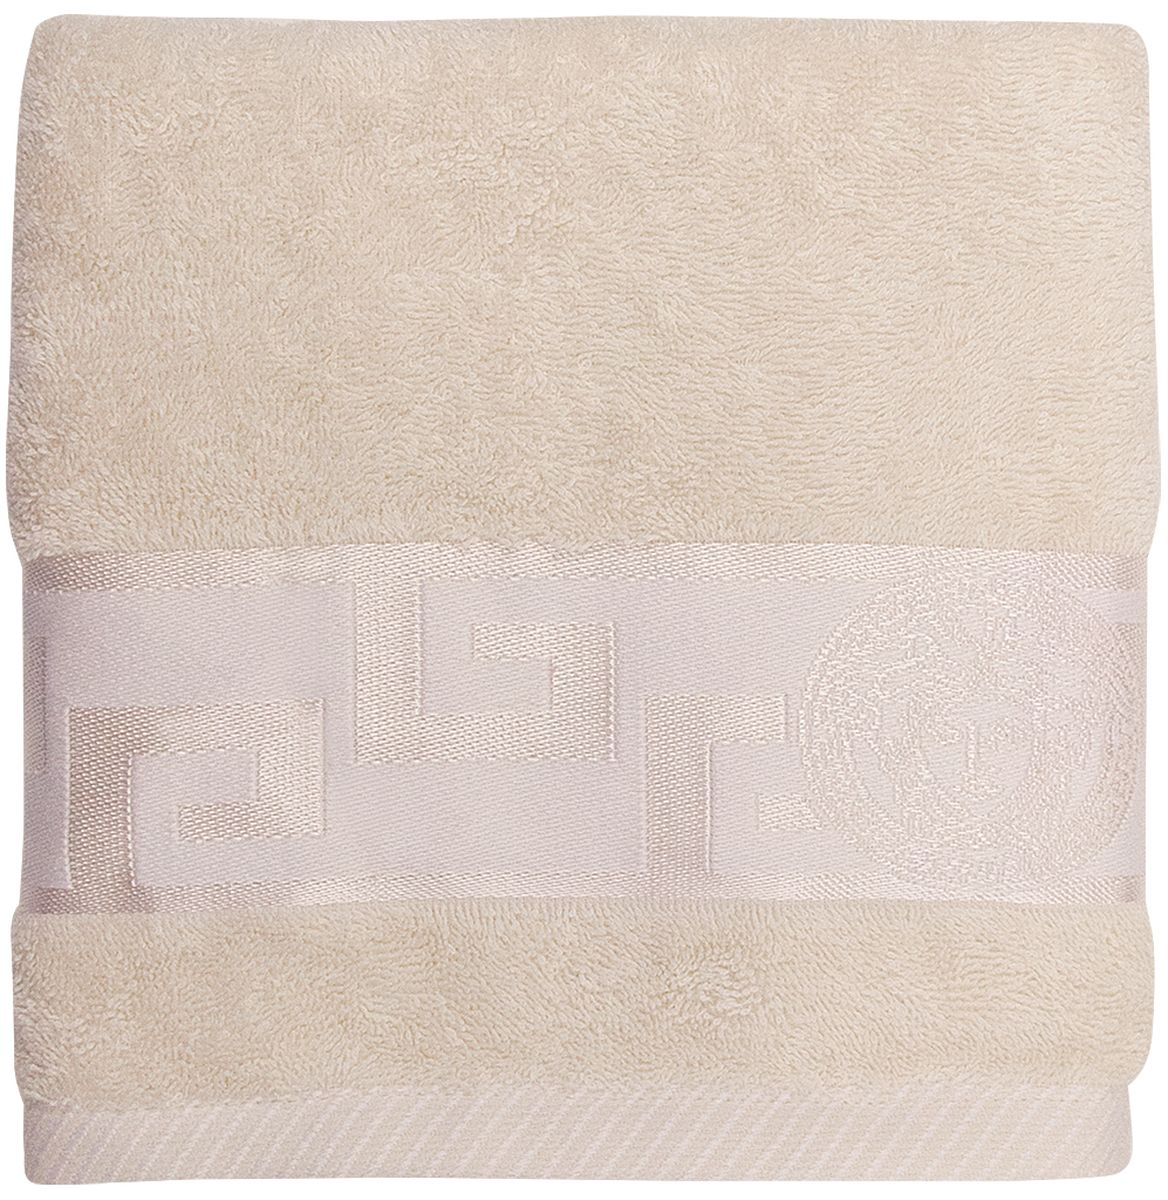 Полотенце банное Bonita Медея, цвет: кремовый, 50 x 90 см1011217229Банное полотенце Bonita Медея выполнено из 100% хлопка. Изделие отлично впитывает влагу, быстро сохнет, сохраняет яркость цвета и не теряет форму даже после многократных стирок. Такое полотенце очень практично и неприхотливо в уходе. Оно создаст прекрасное настроение и украсит интерьер в ванной комнате.